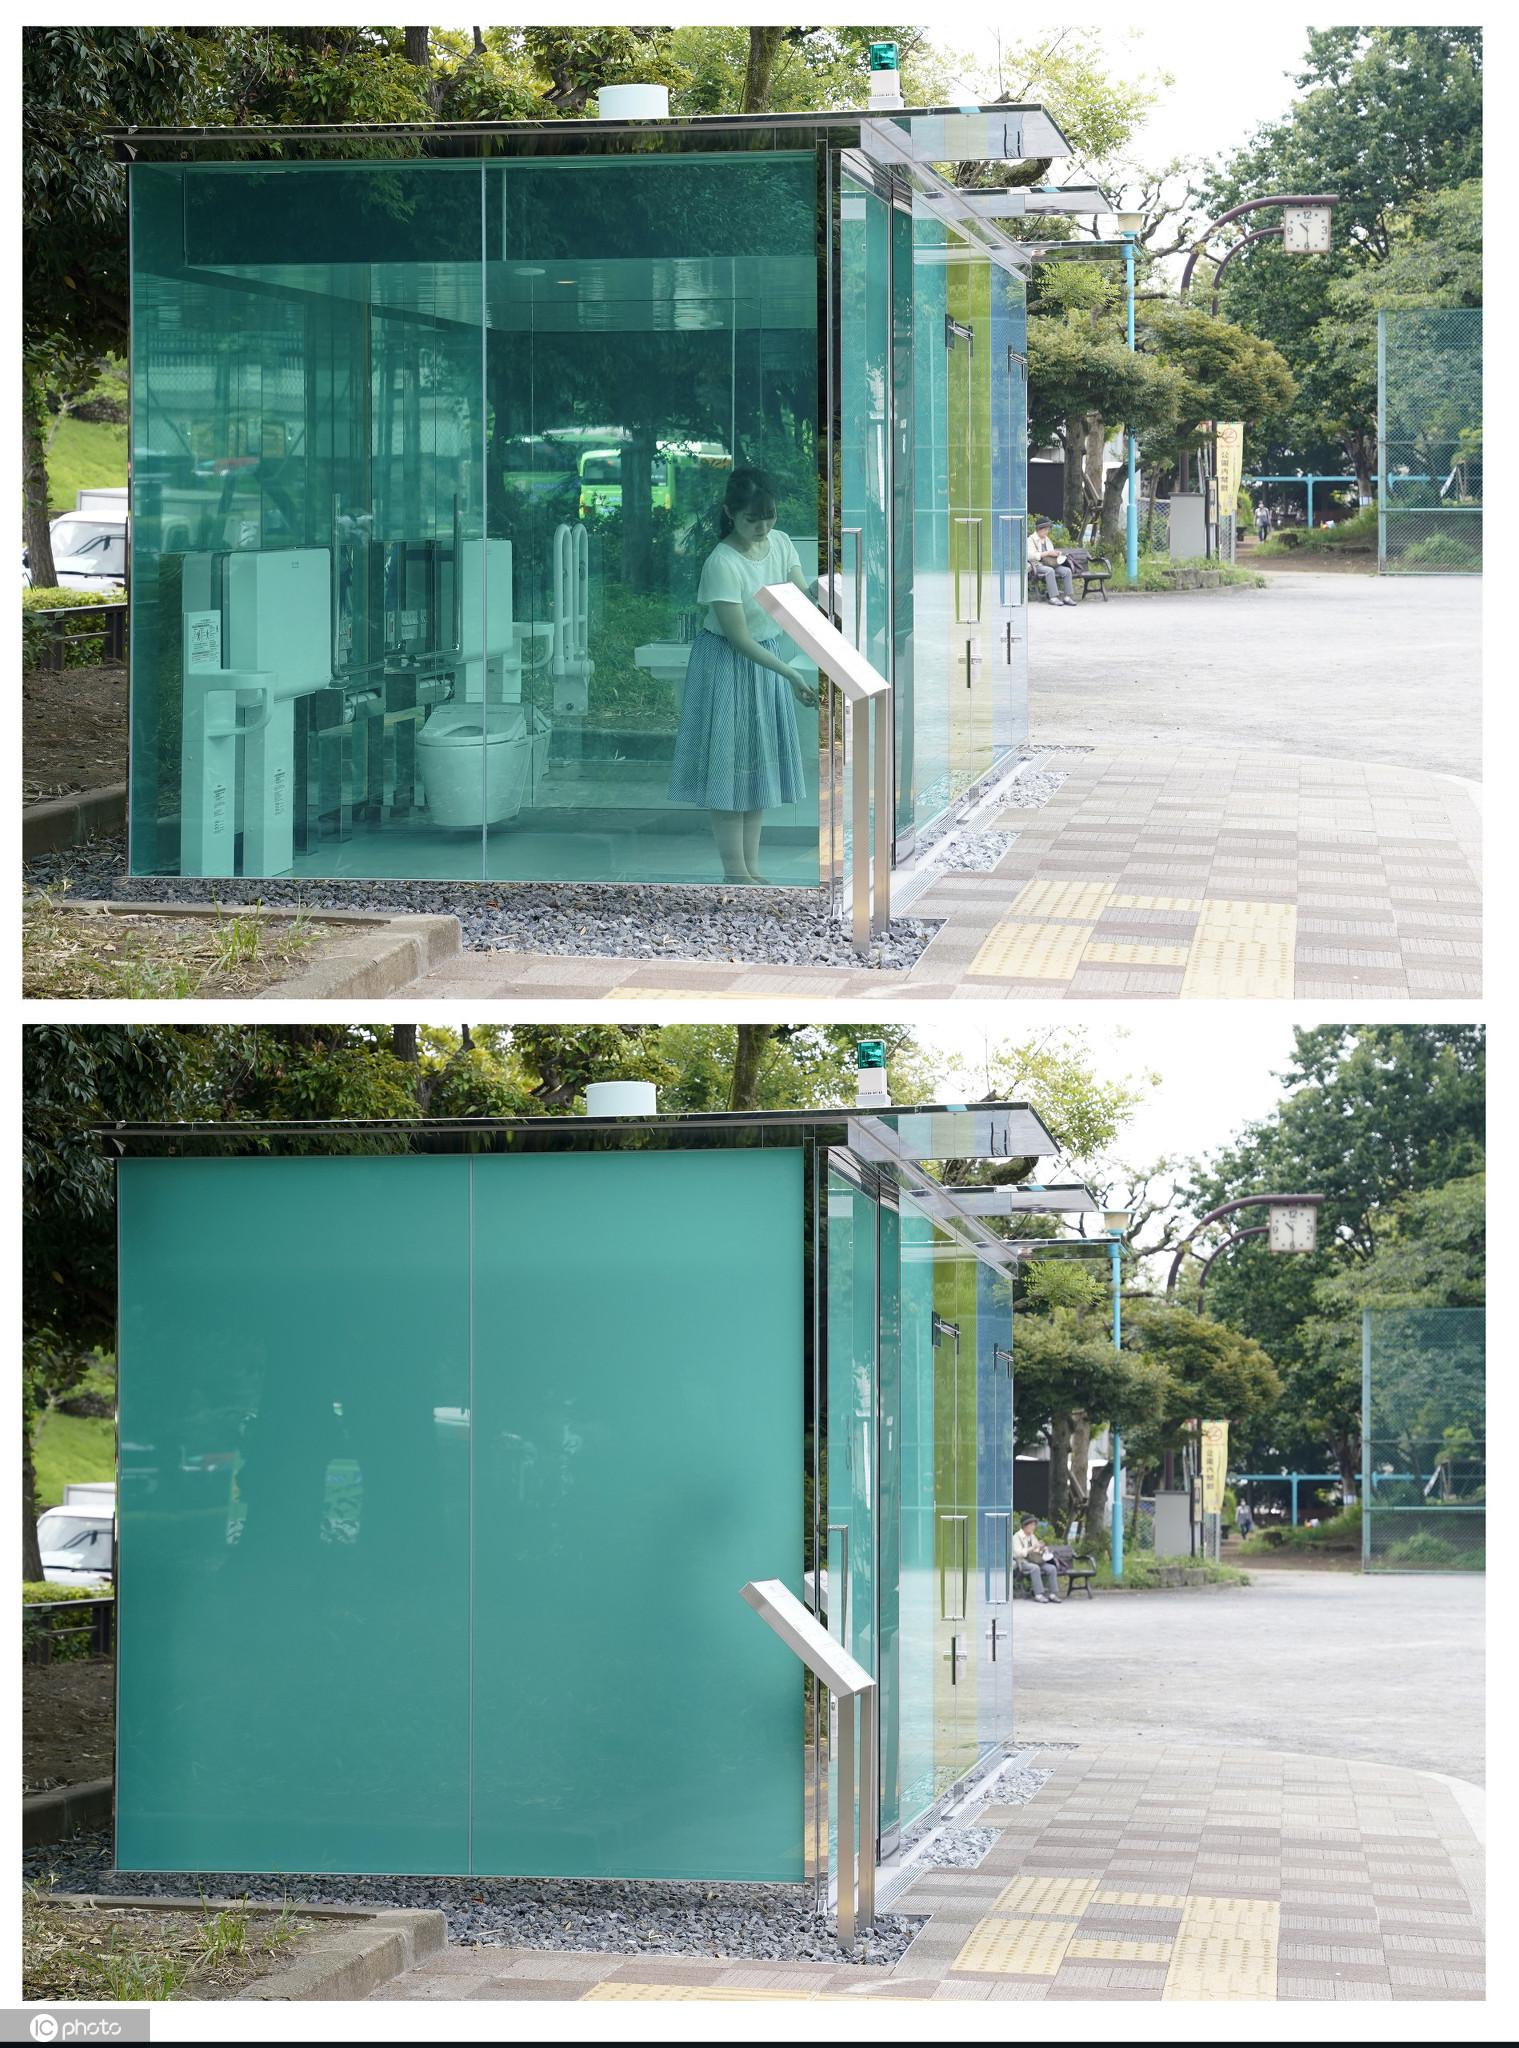 日本现透明公厕你敢上吗?锁门变雾面保持